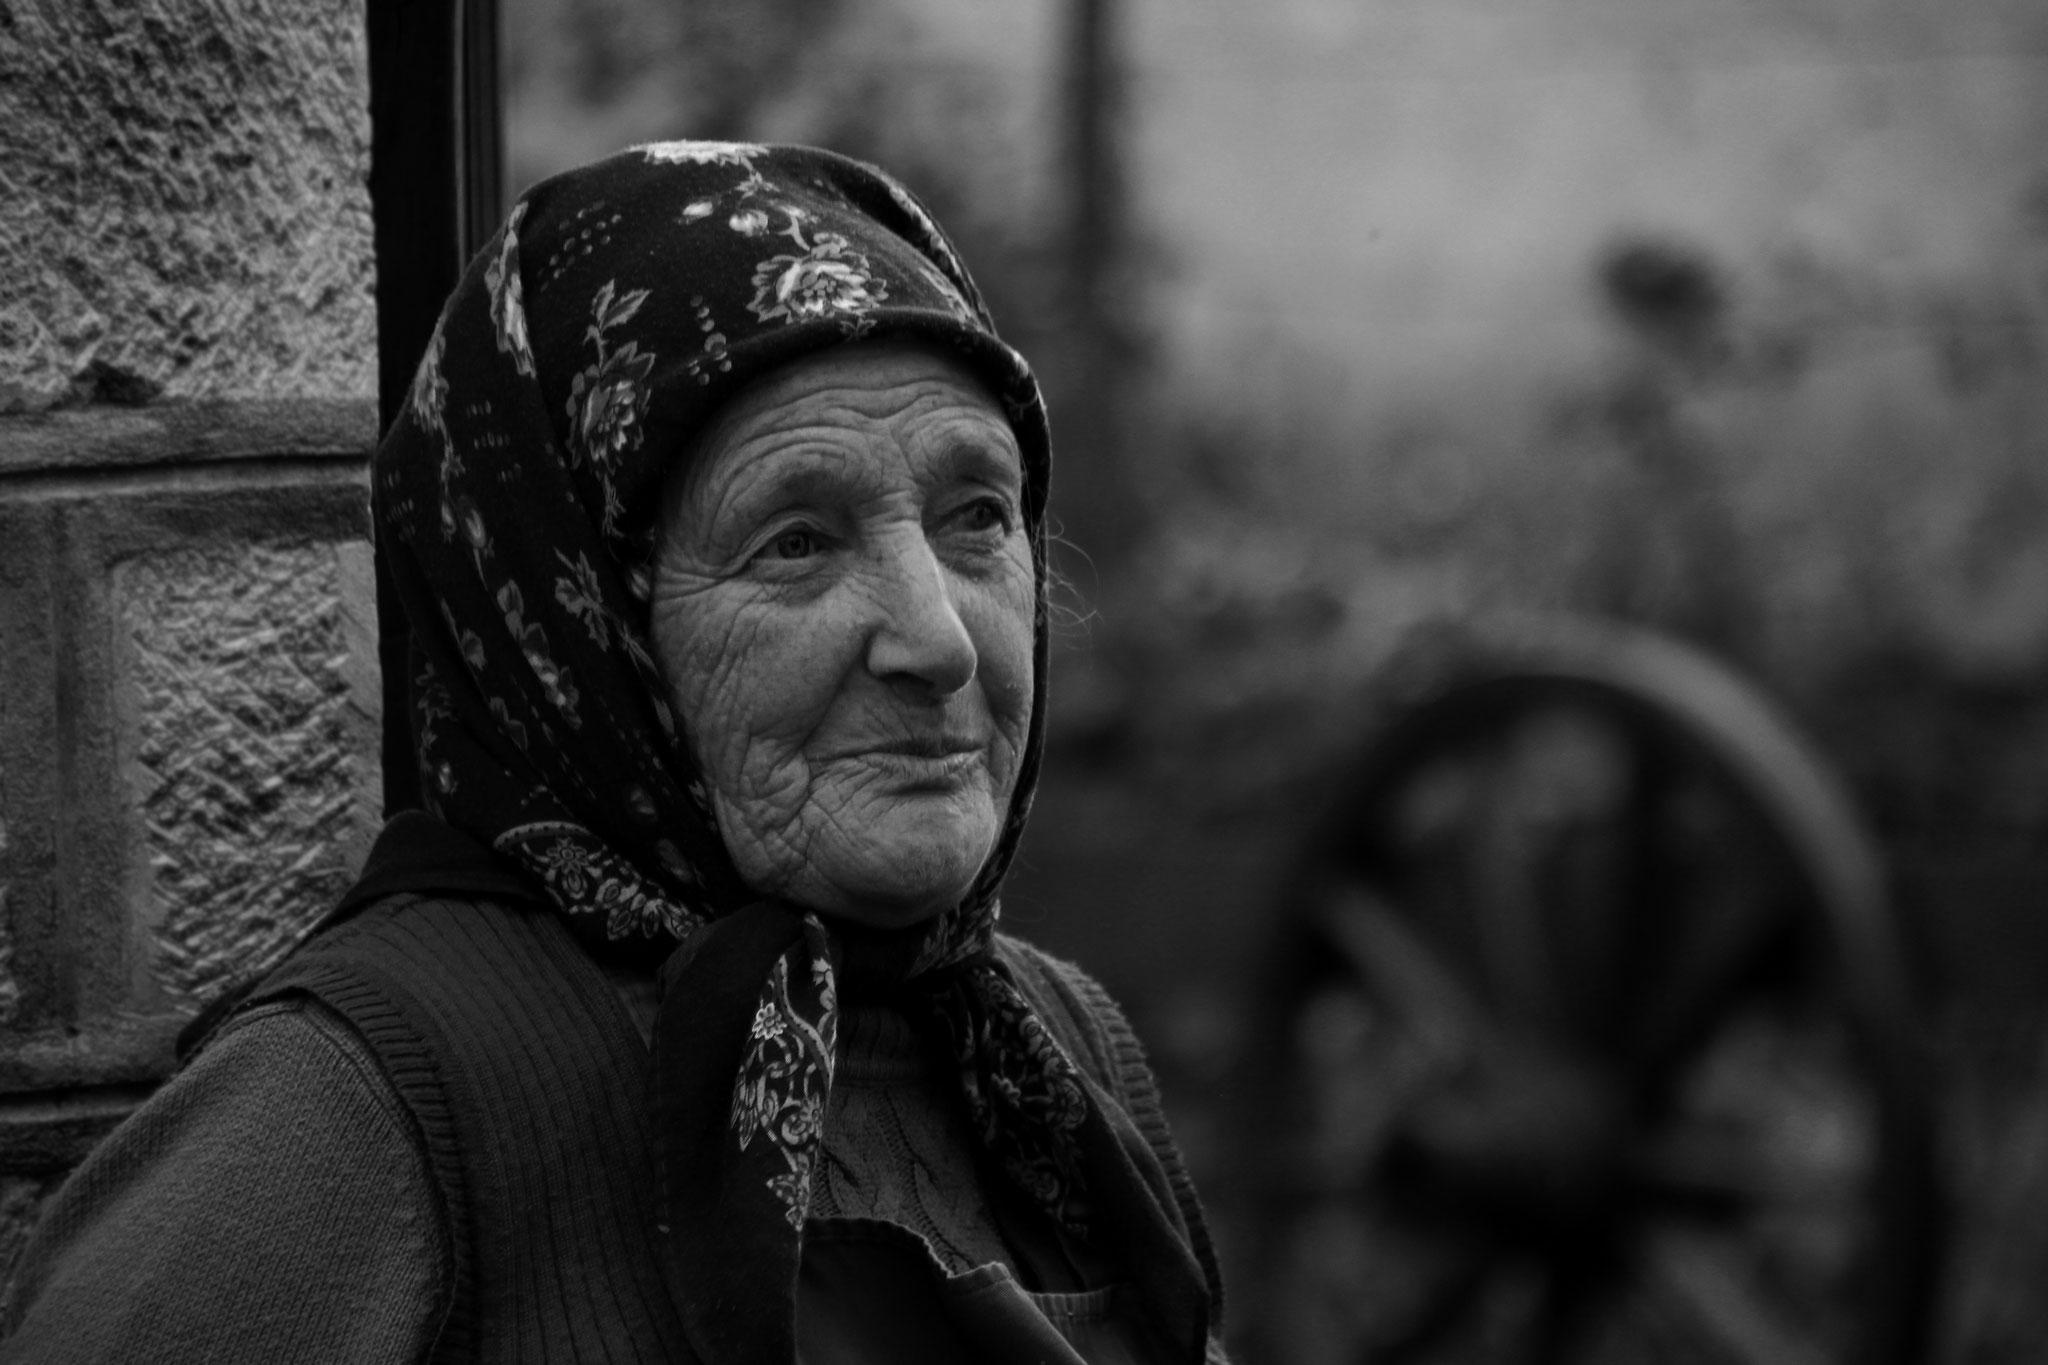 Bánházi Gyöngyi (Romania) - The fate of fate